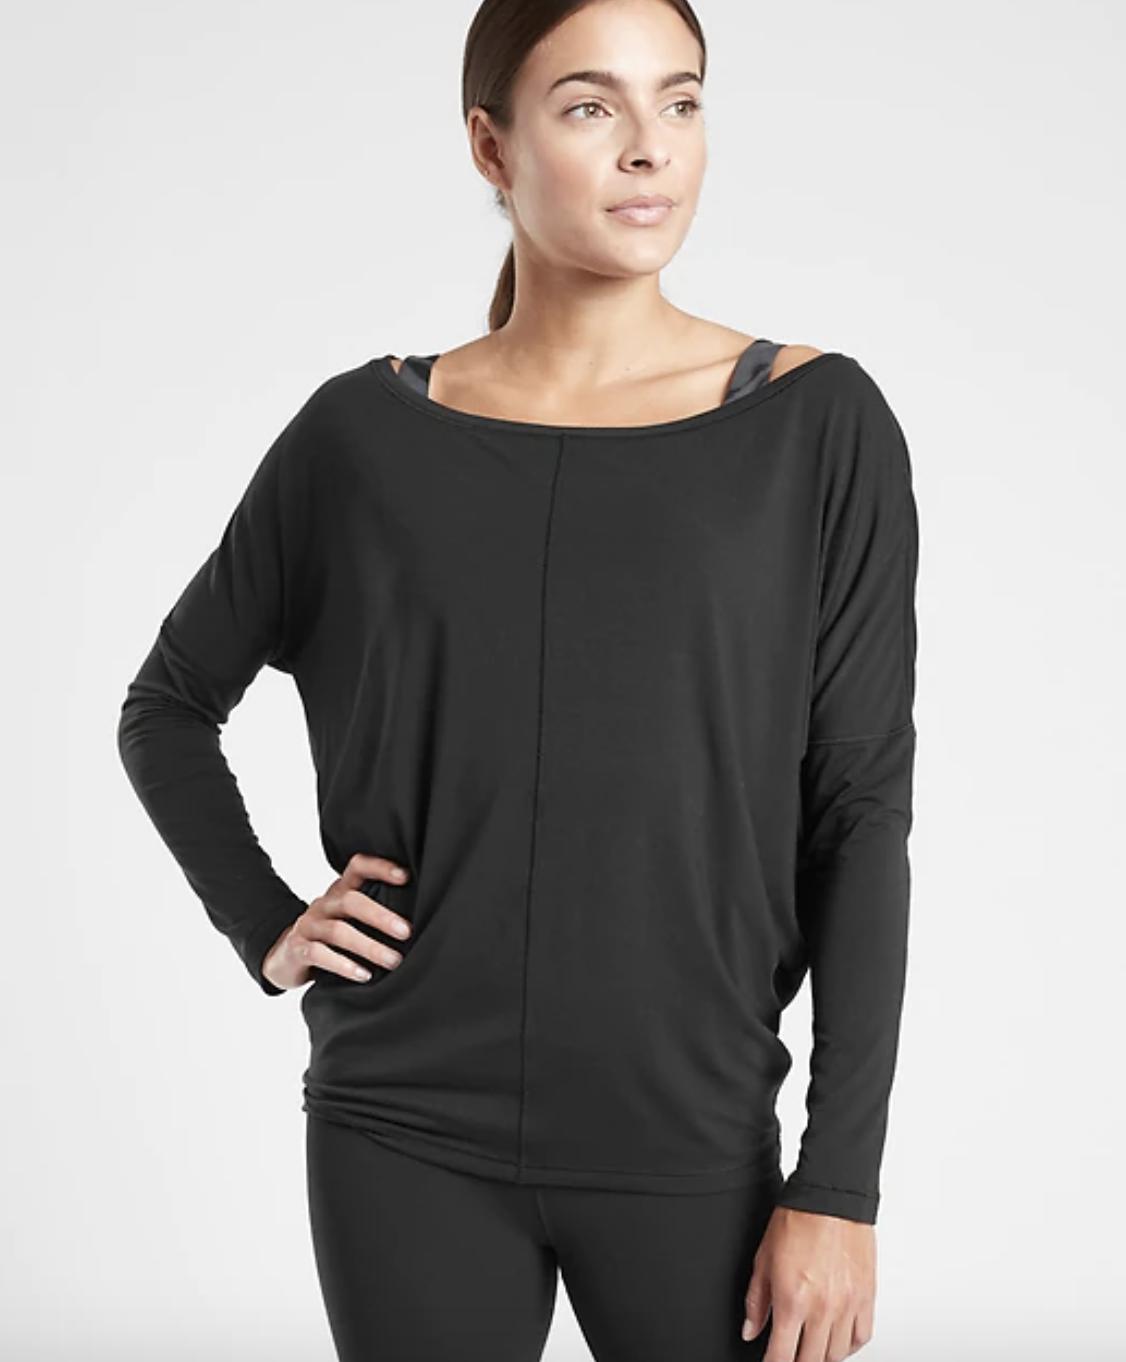 a model wears the black essence flow top